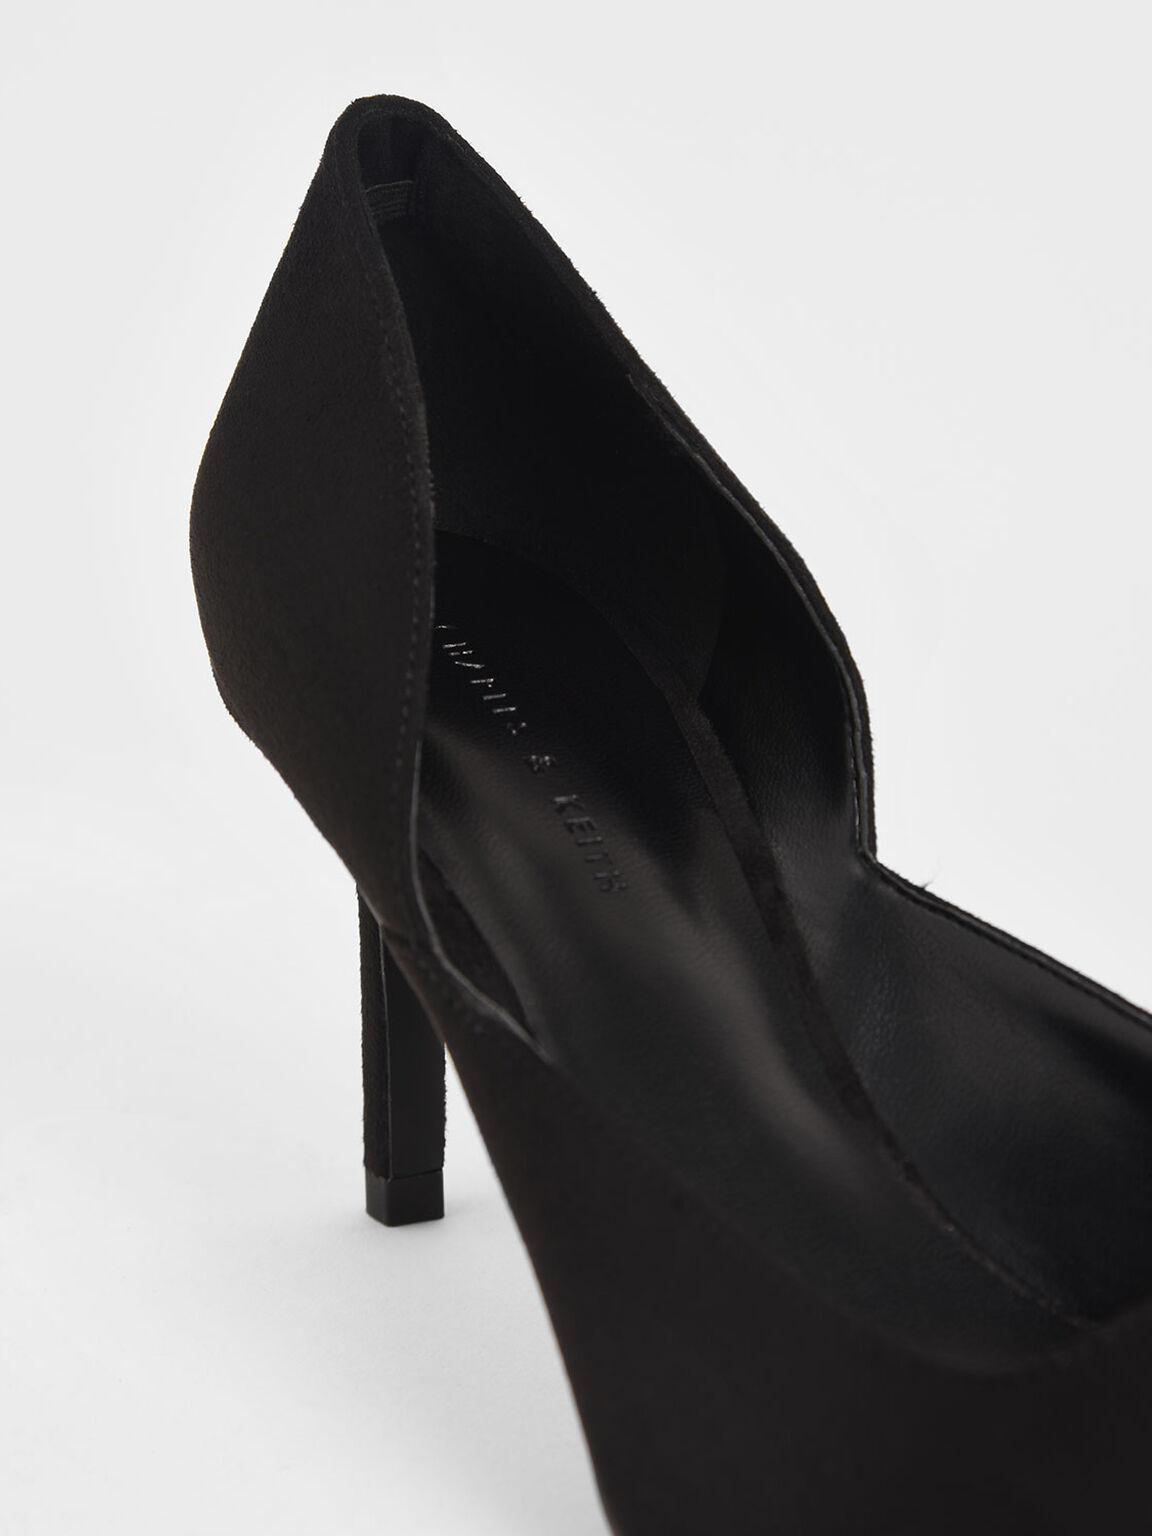 Textured D'Orsay Stiletto Pumps, Black, hi-res